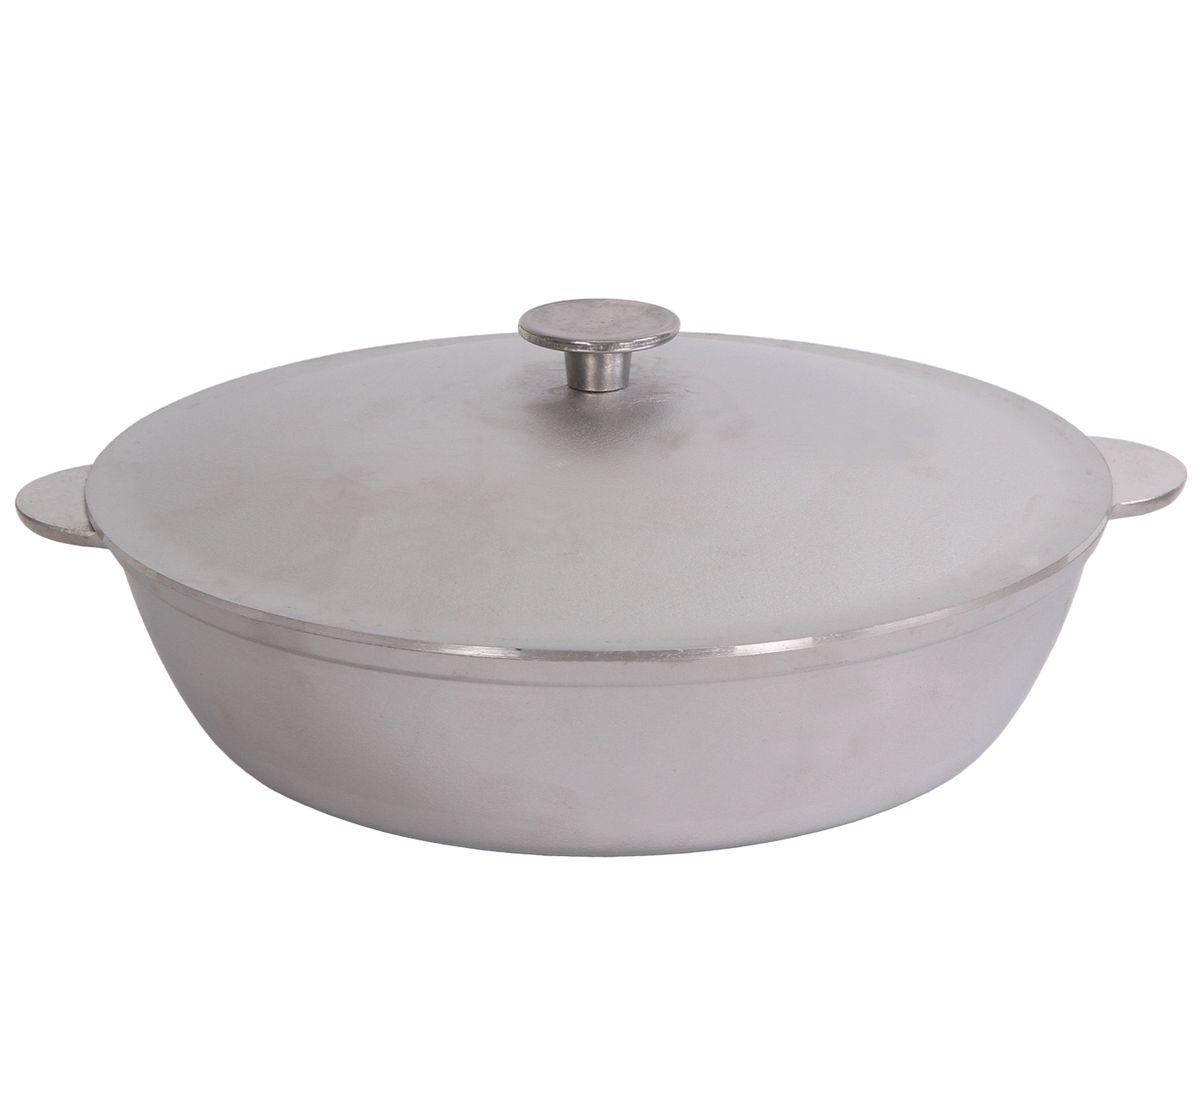 Сковорода Биол с крышкой. Диаметр 32 смА323Сковорода Биол изготовлена из литого алюминия. Изделие оснащено плотно прилегающей крышкой, позволяющей сохранить аромат готовящегося блюда.Сковорода снабжена двумя эргономичными ручками. Нельзя оставлять приготовленную пищу в посуде для хранения. Сковороду можно использовать на газовых, электрических и стеклокерамических плитах. Высота стенки: 8,3 см.Диаметр (по верхнему краю): 32 см.Ширина (с учетом ручек): 37,5 см.